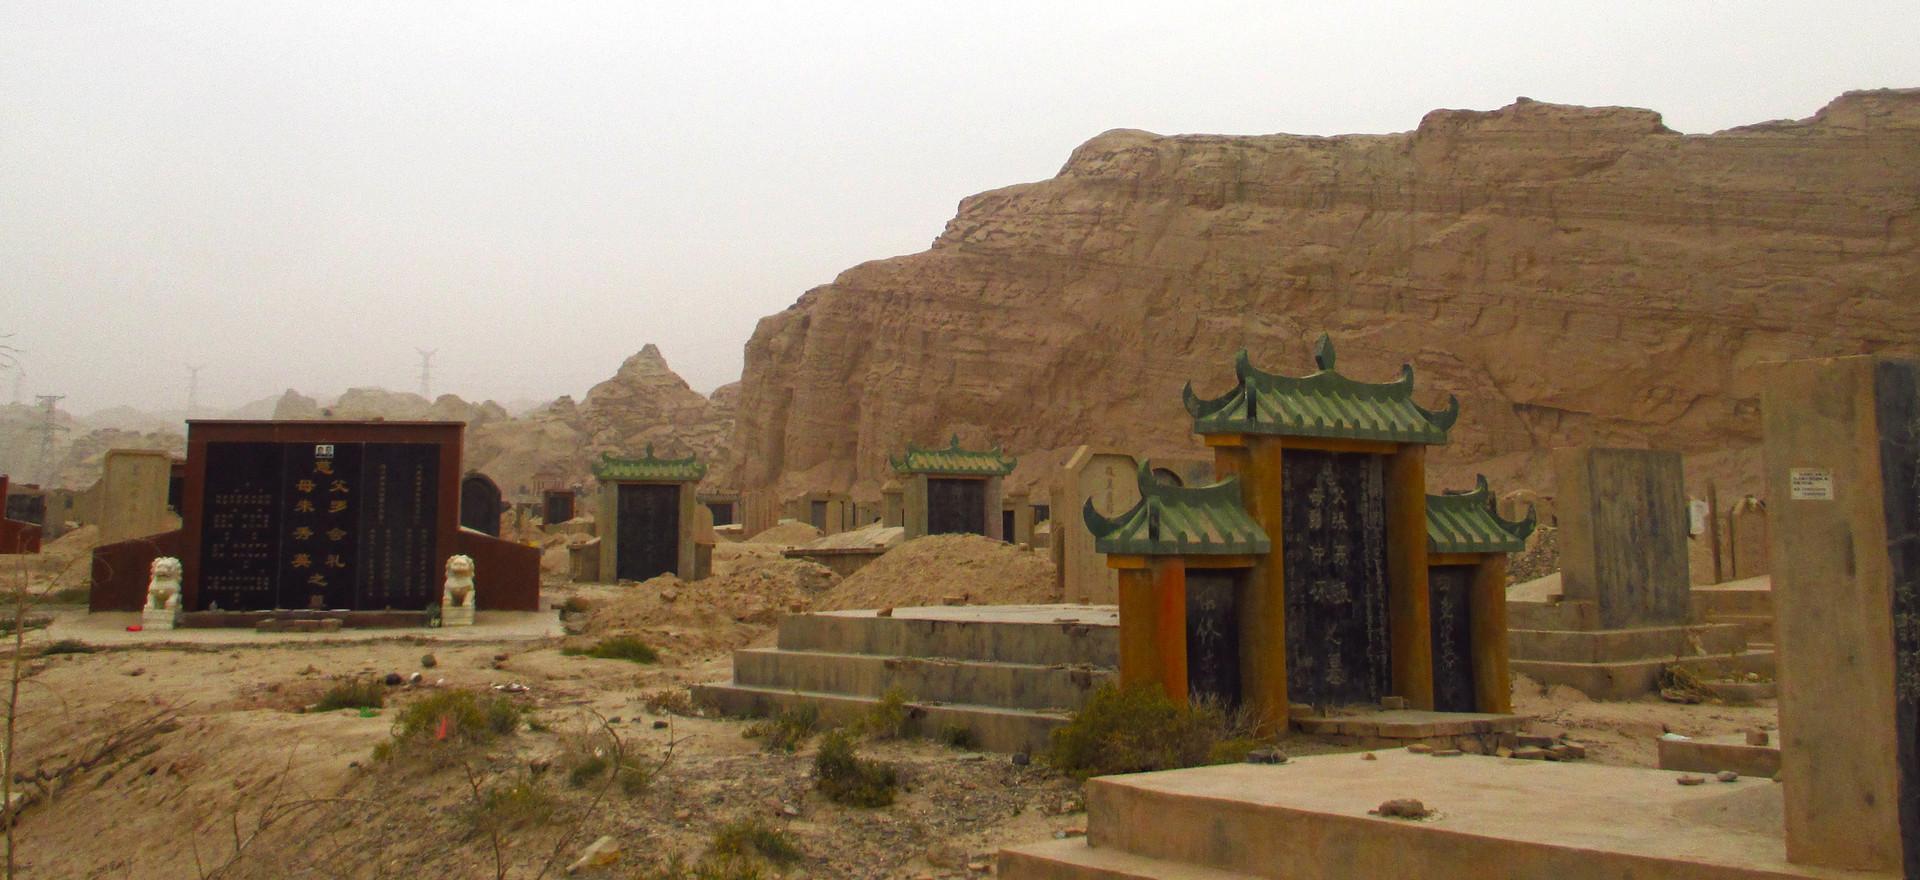 Chine, région du Xinjiang